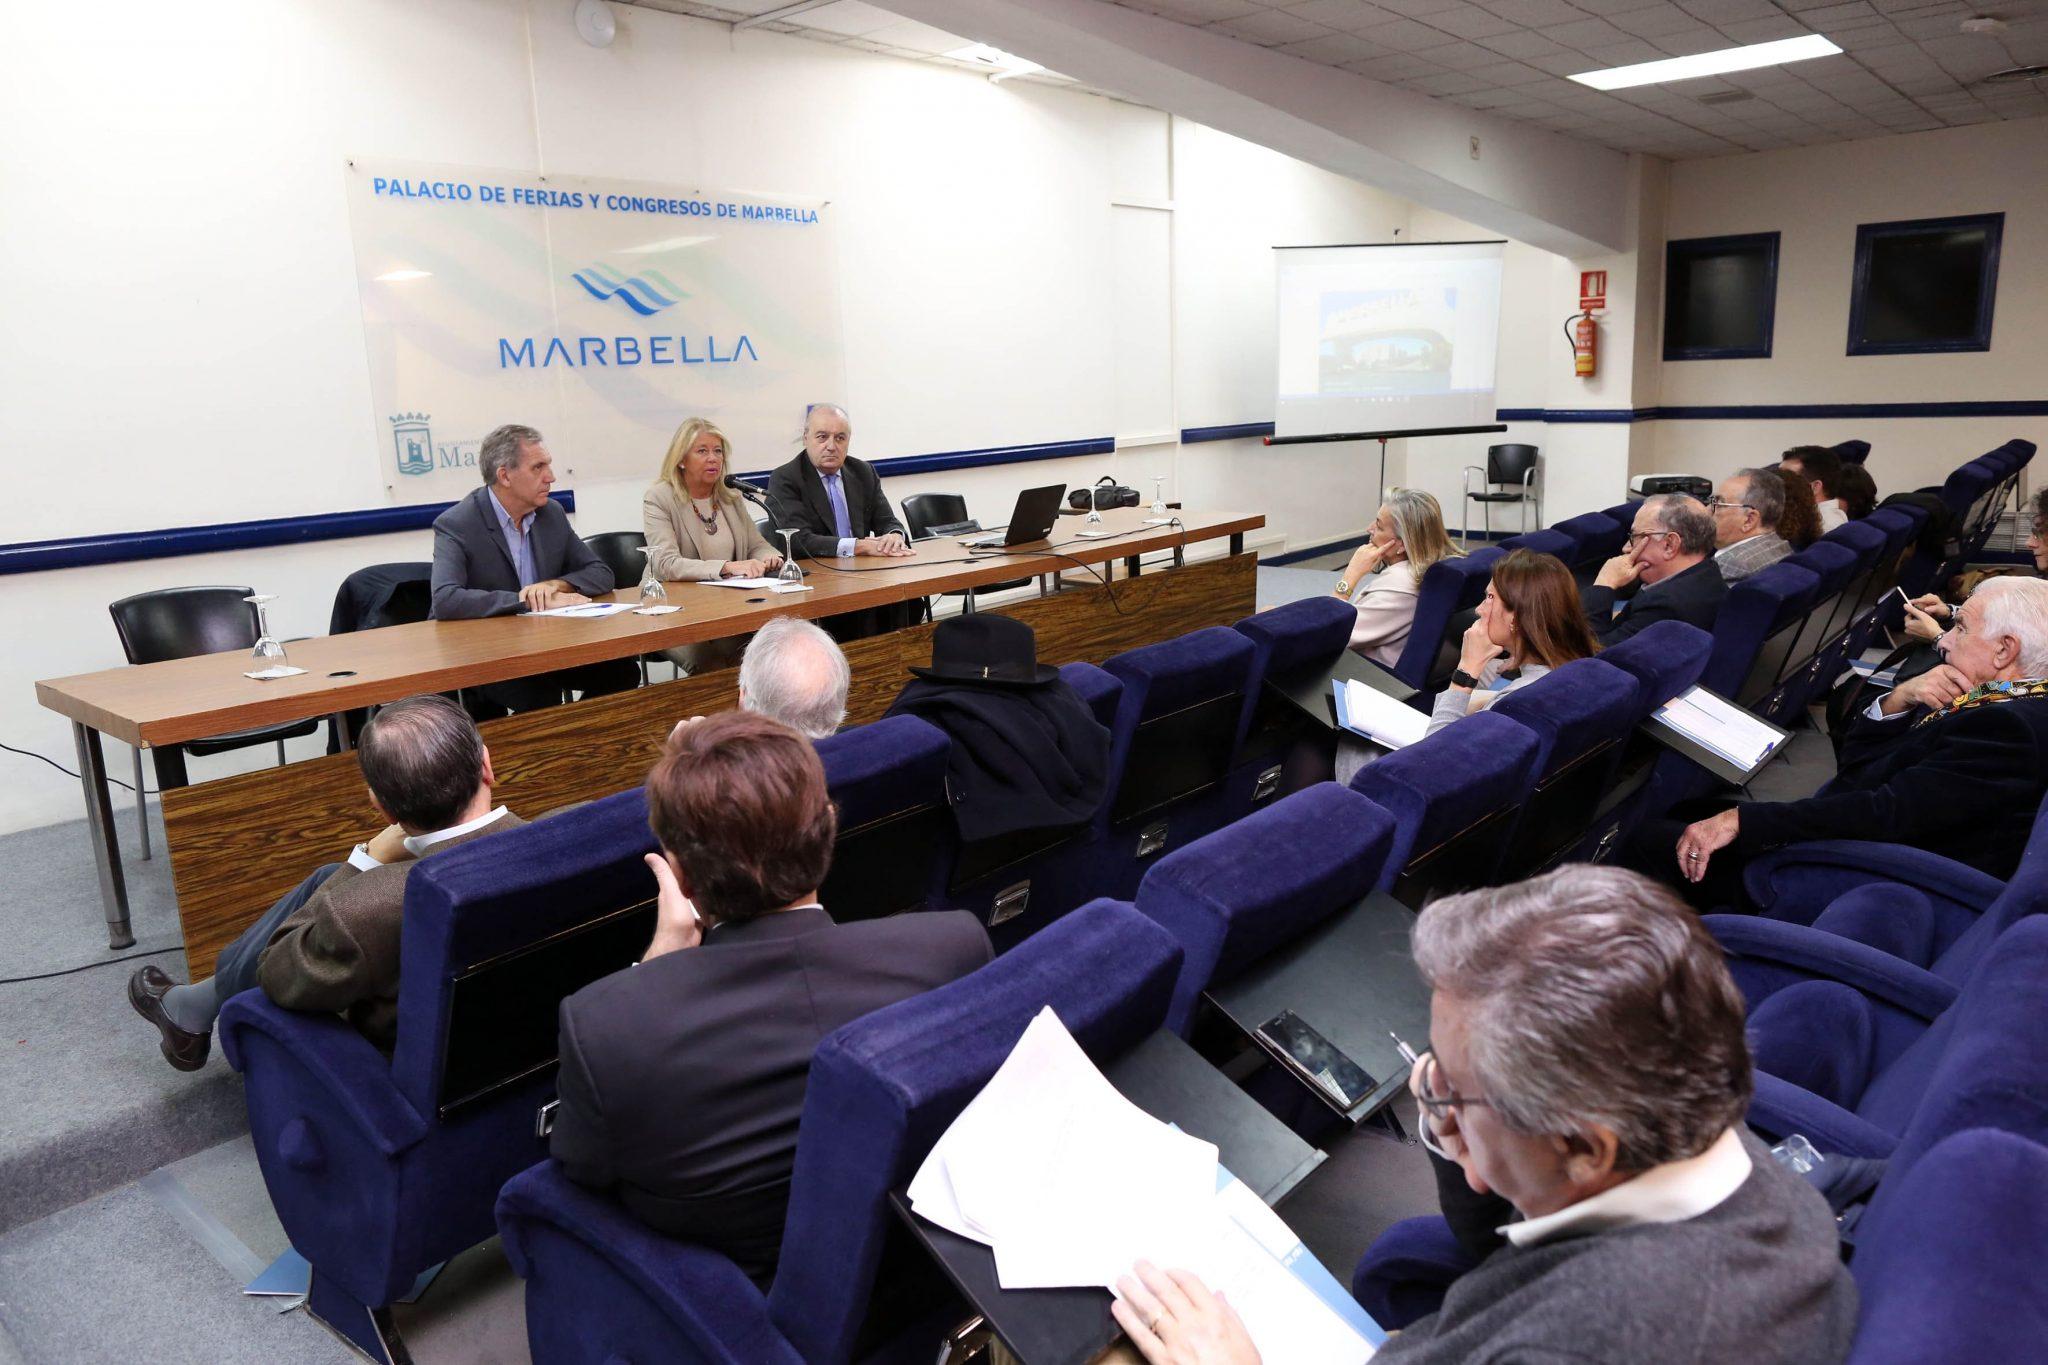 La alcaldesa subraya que próximamente saldrá a licitación la redacción del nuevo PGOU de Marbella